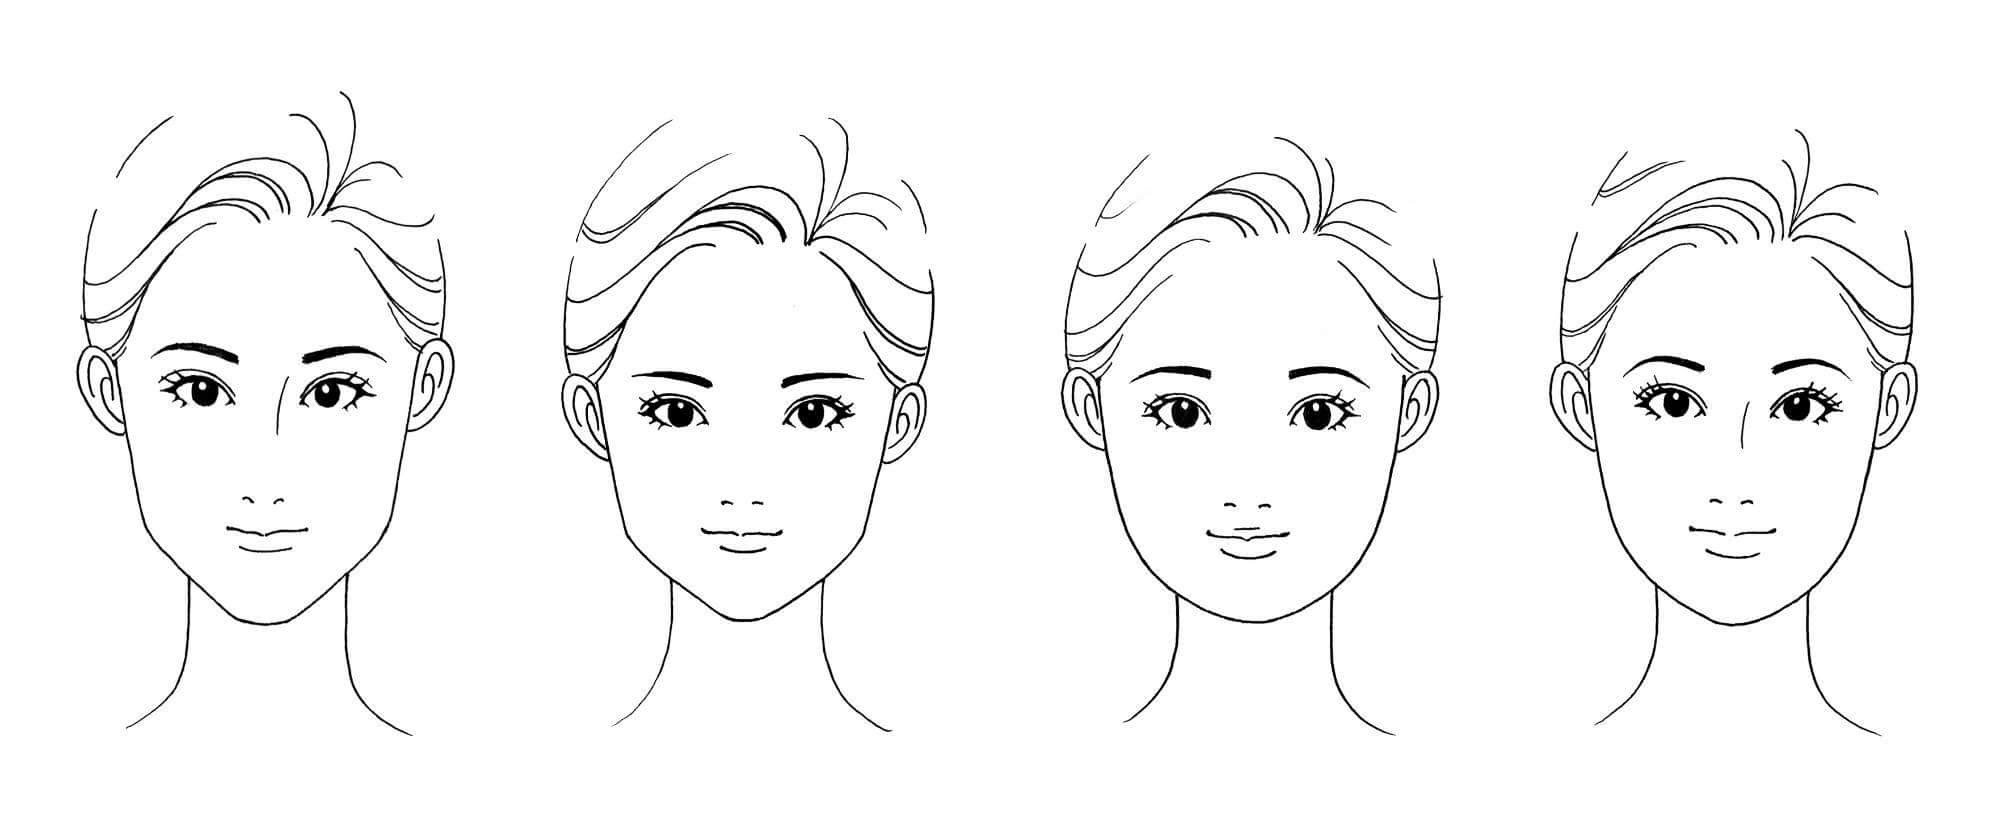 アクセサリー付きスマホで顔タイプ診断! 貴女の顔タイプはどれ?